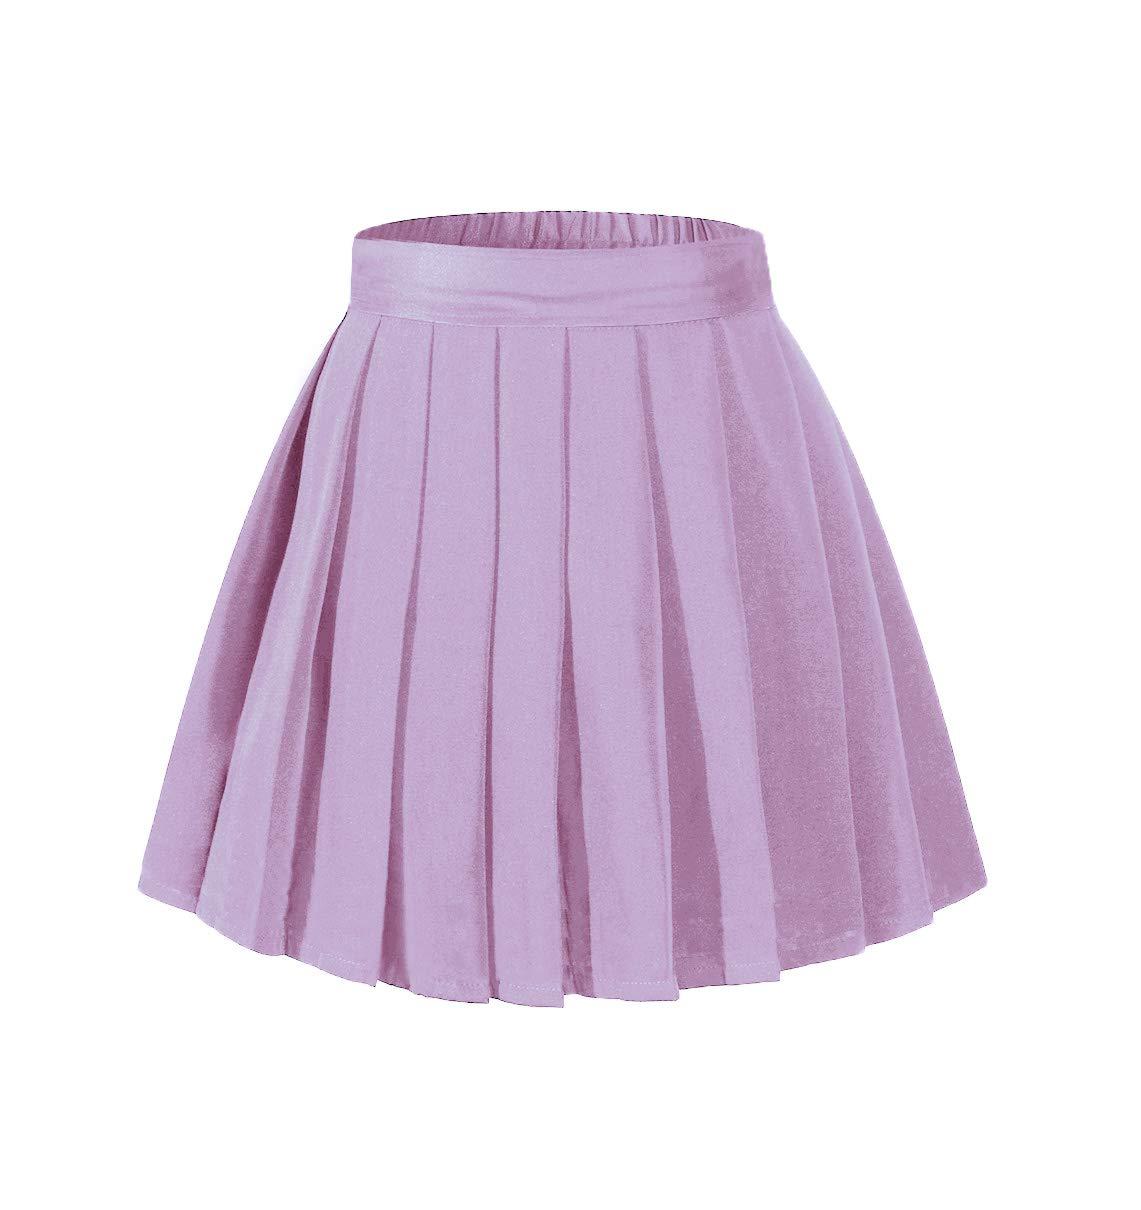 Girl's Pleated Knee Length Midi Skirt A Line Flared Skorts Purple,S